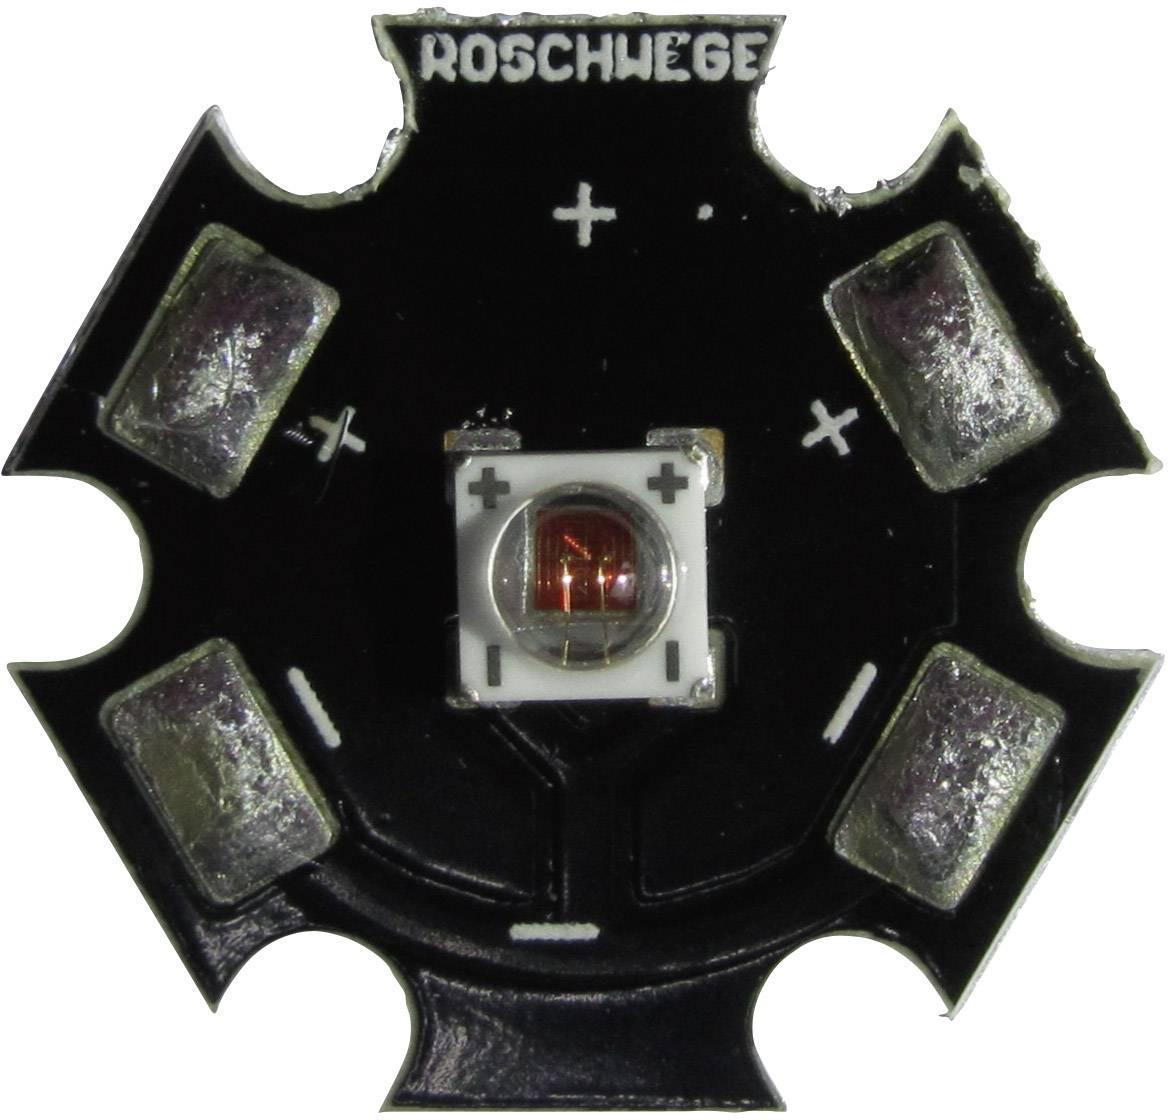 HighPower LED Roschwege 5 W, 2.4 V, 1500 mA, čerešňovo červená